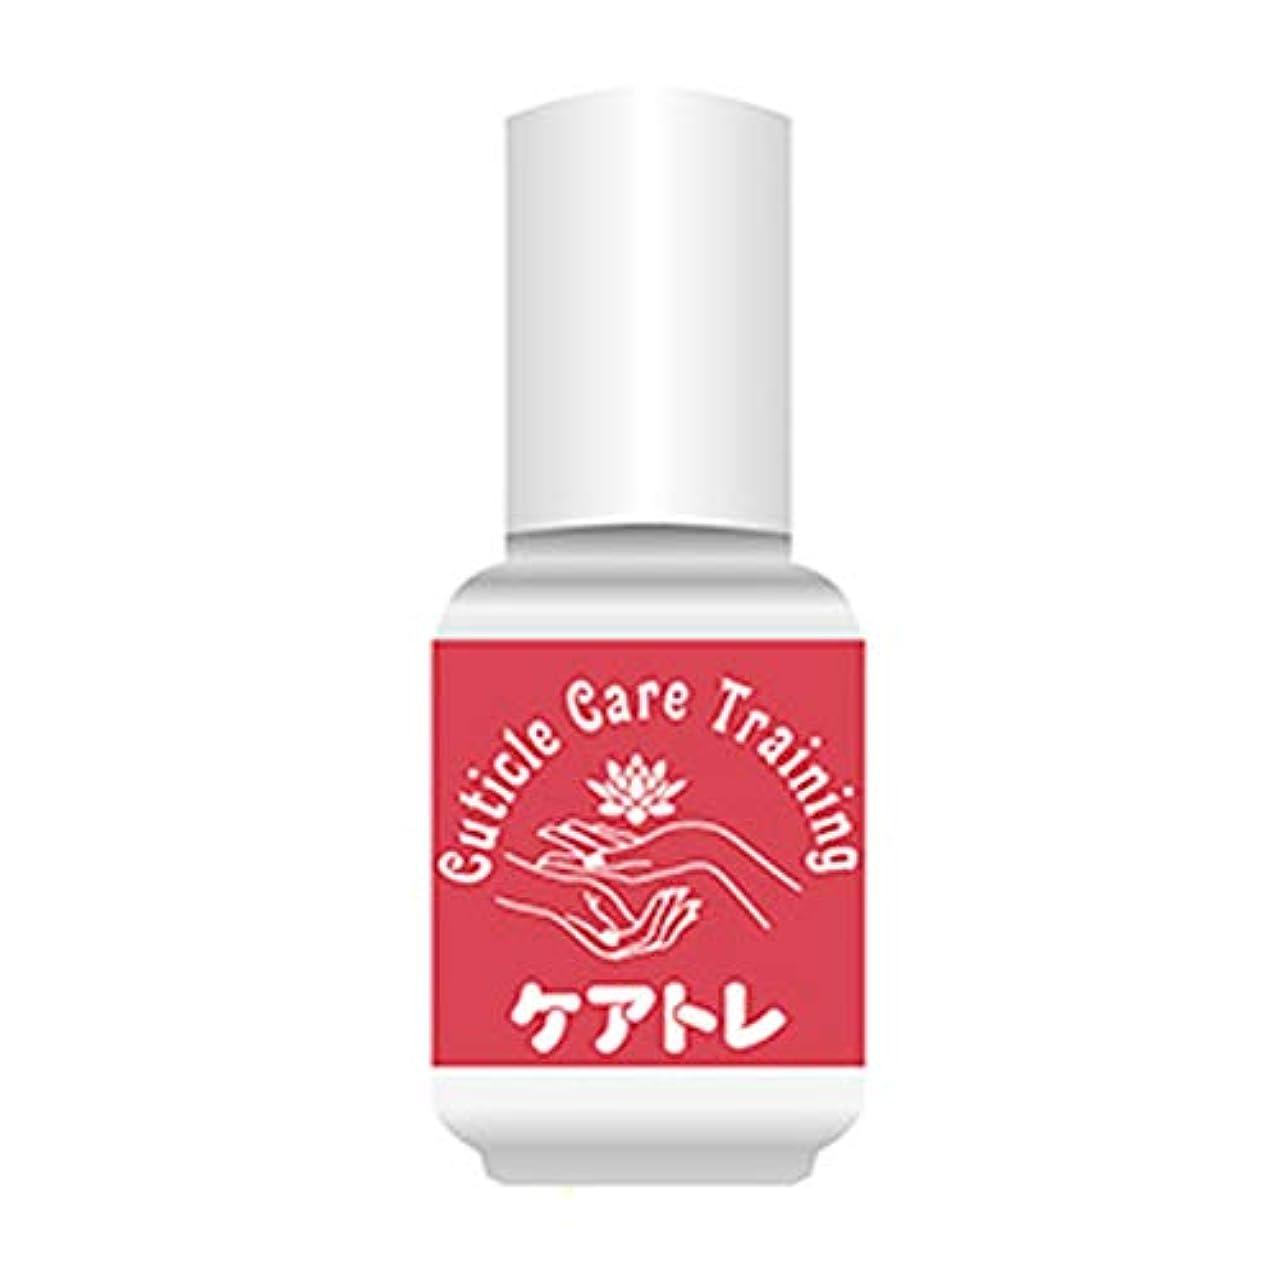 エクスタシー広々軽食Cuticle Care Training ケアトレ 10ml